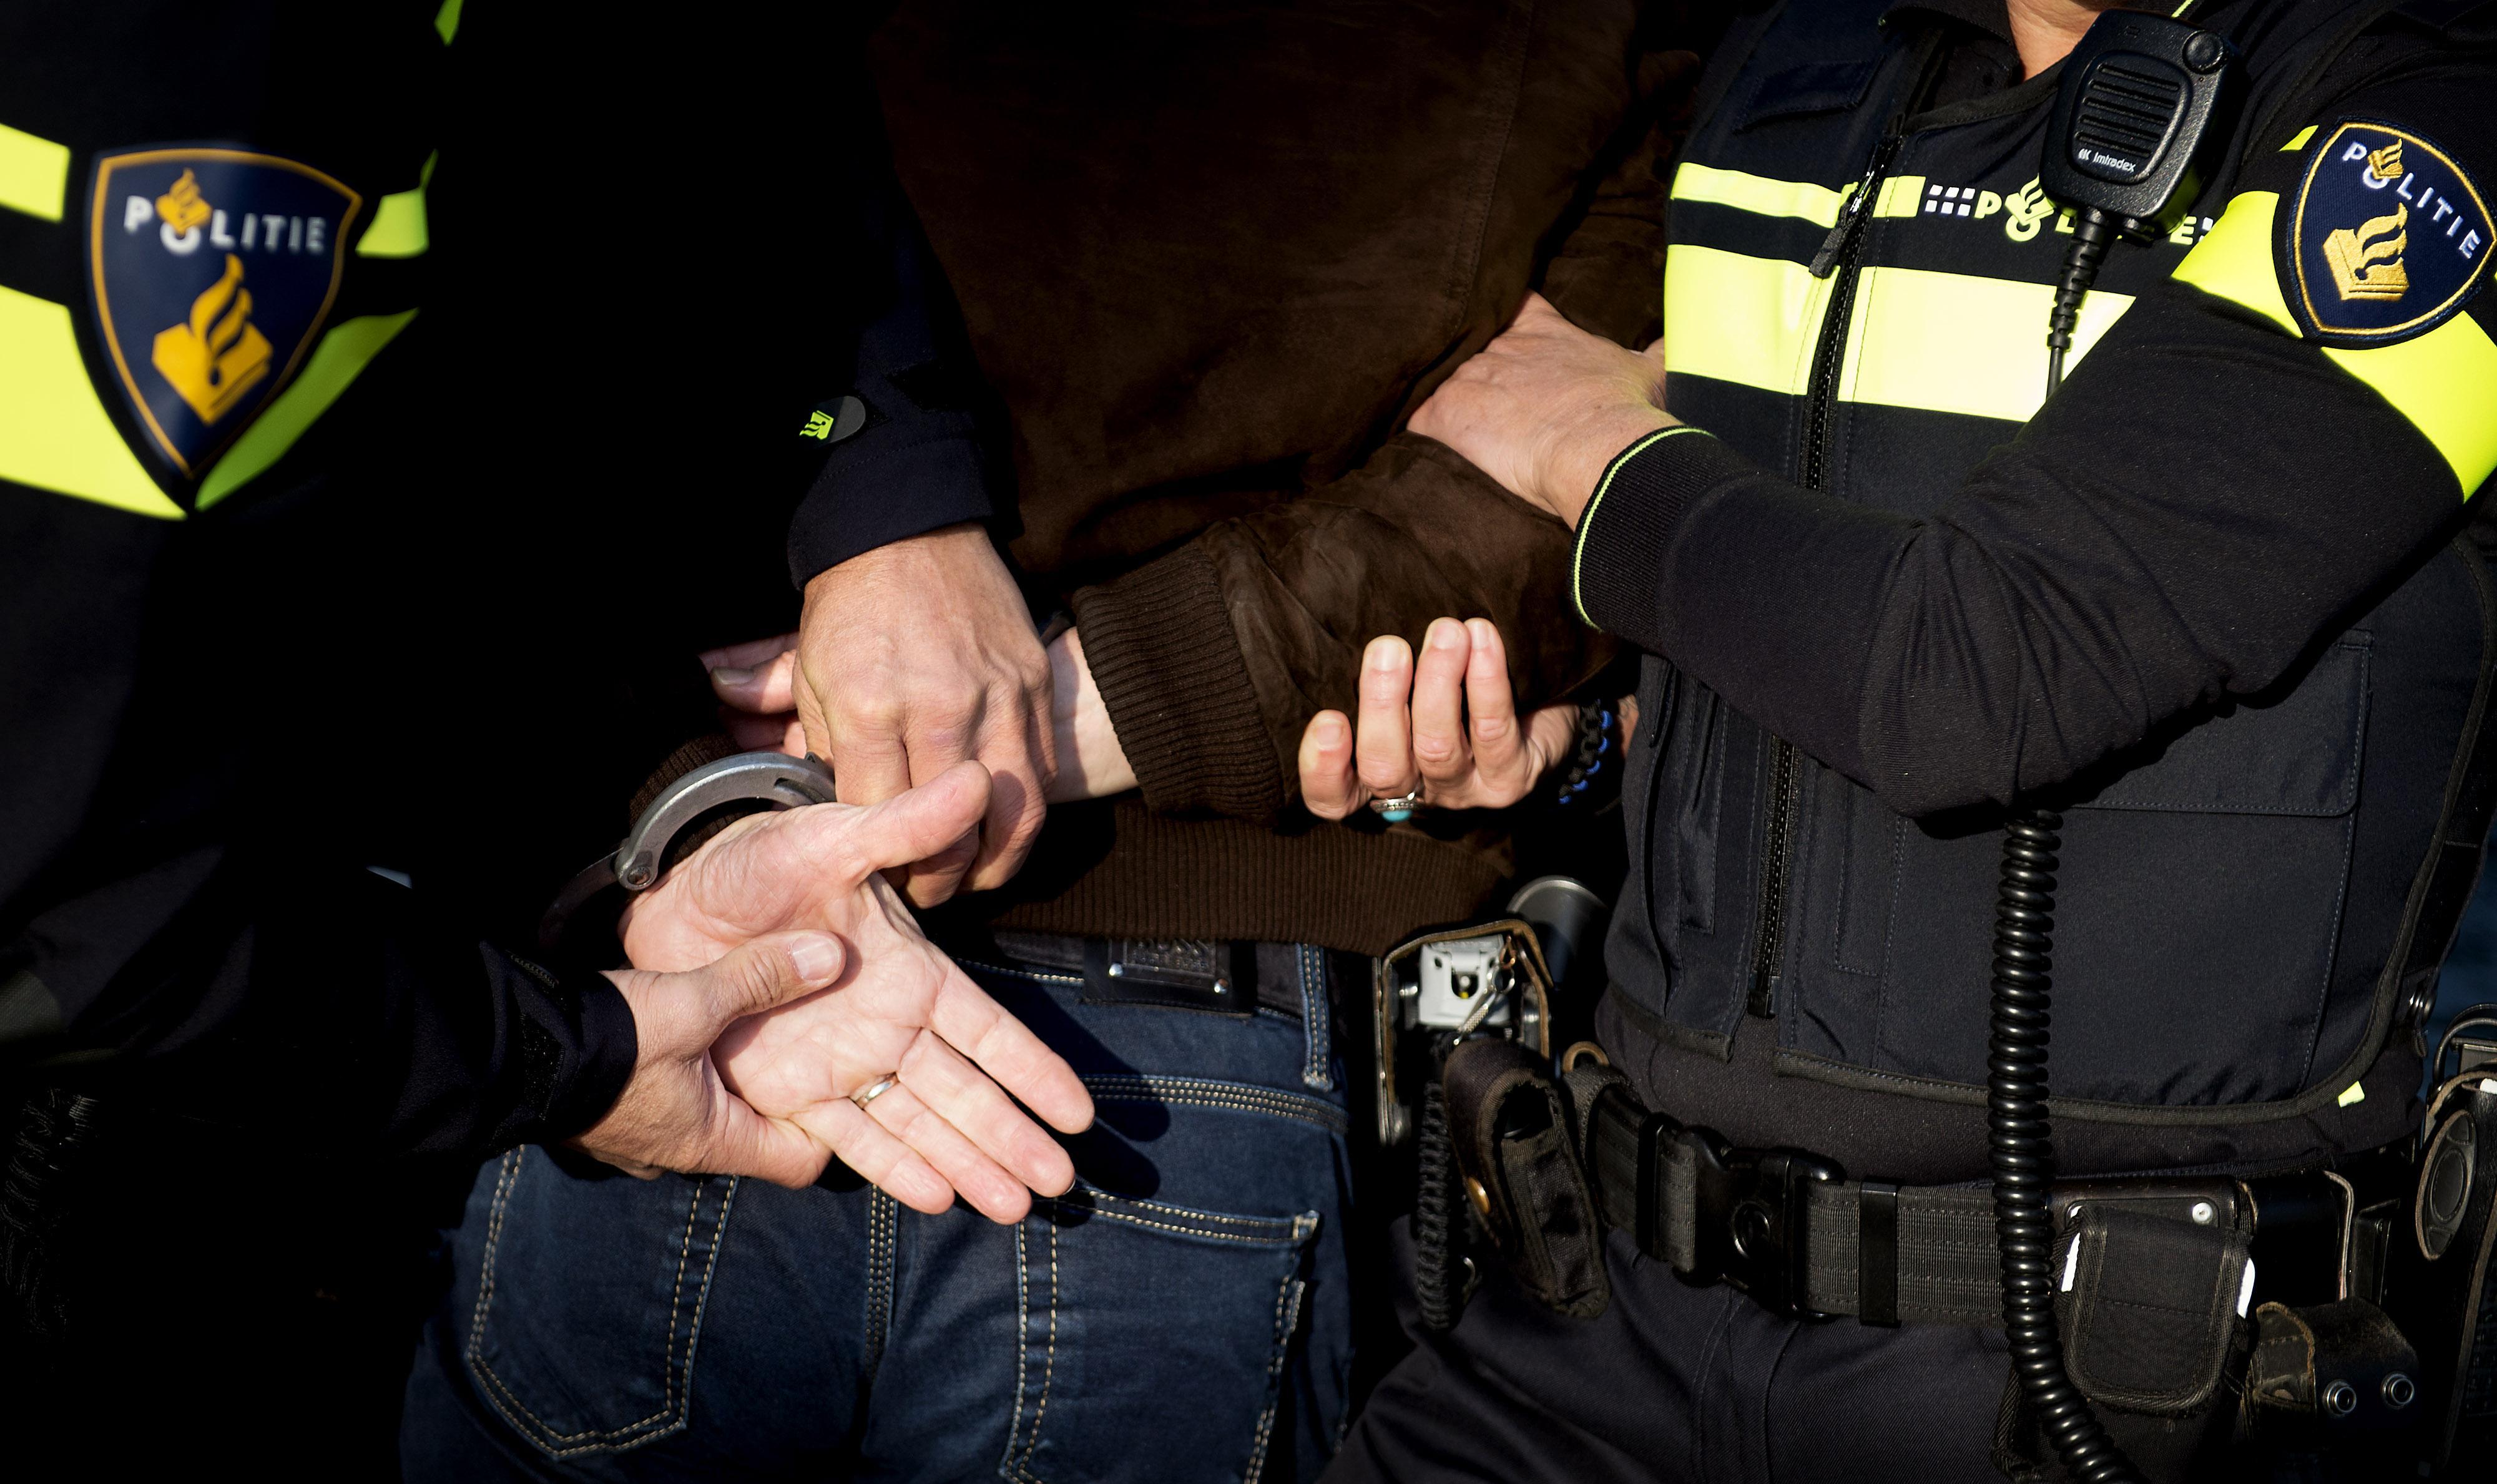 60-jarige man dreigt met 'vuurwapen' in Badhoevedorp, politie lost waarschuwingsschot